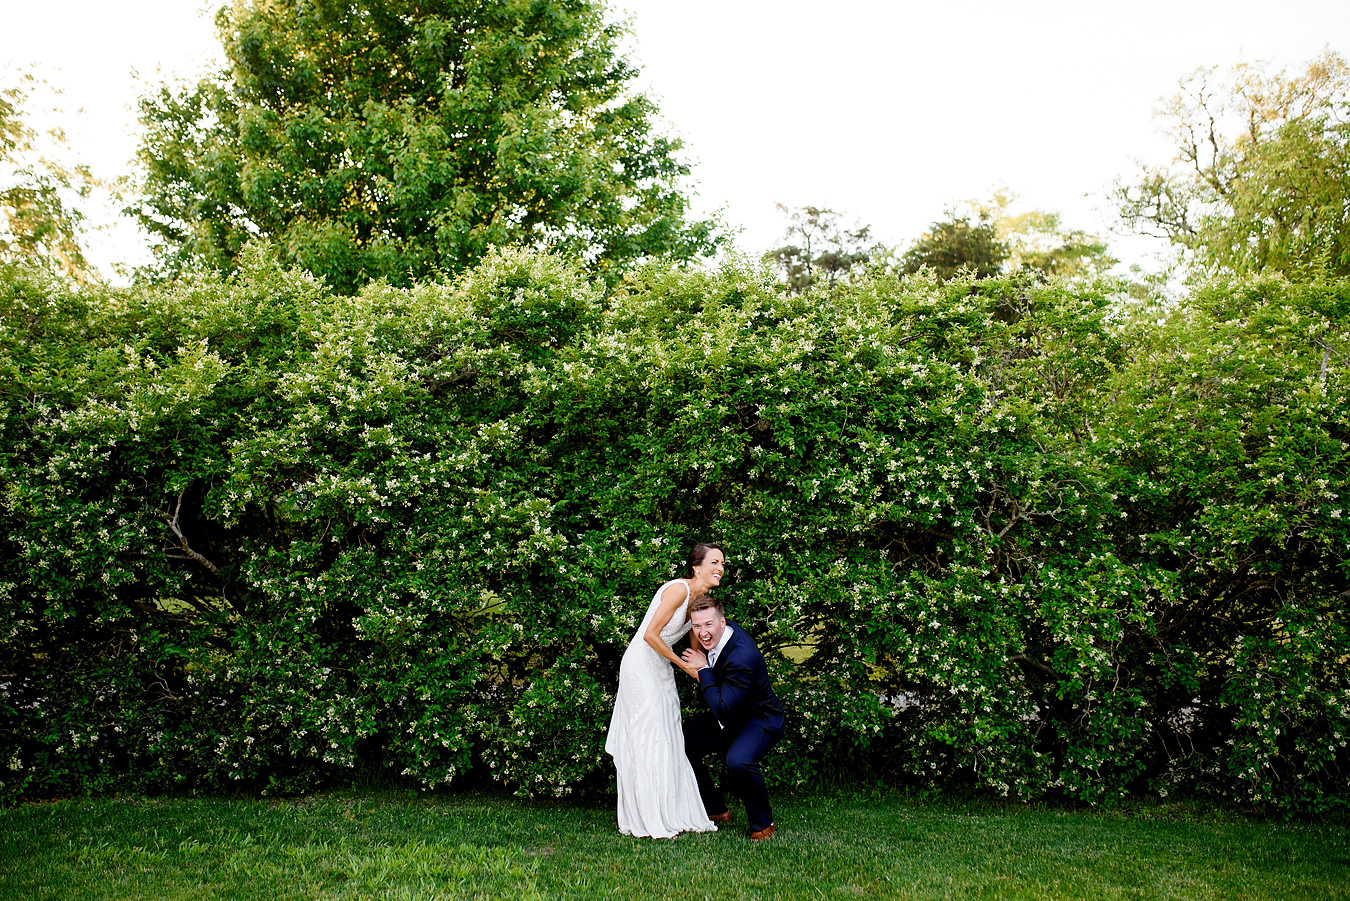 dennis_inn_wedding_059.JPG